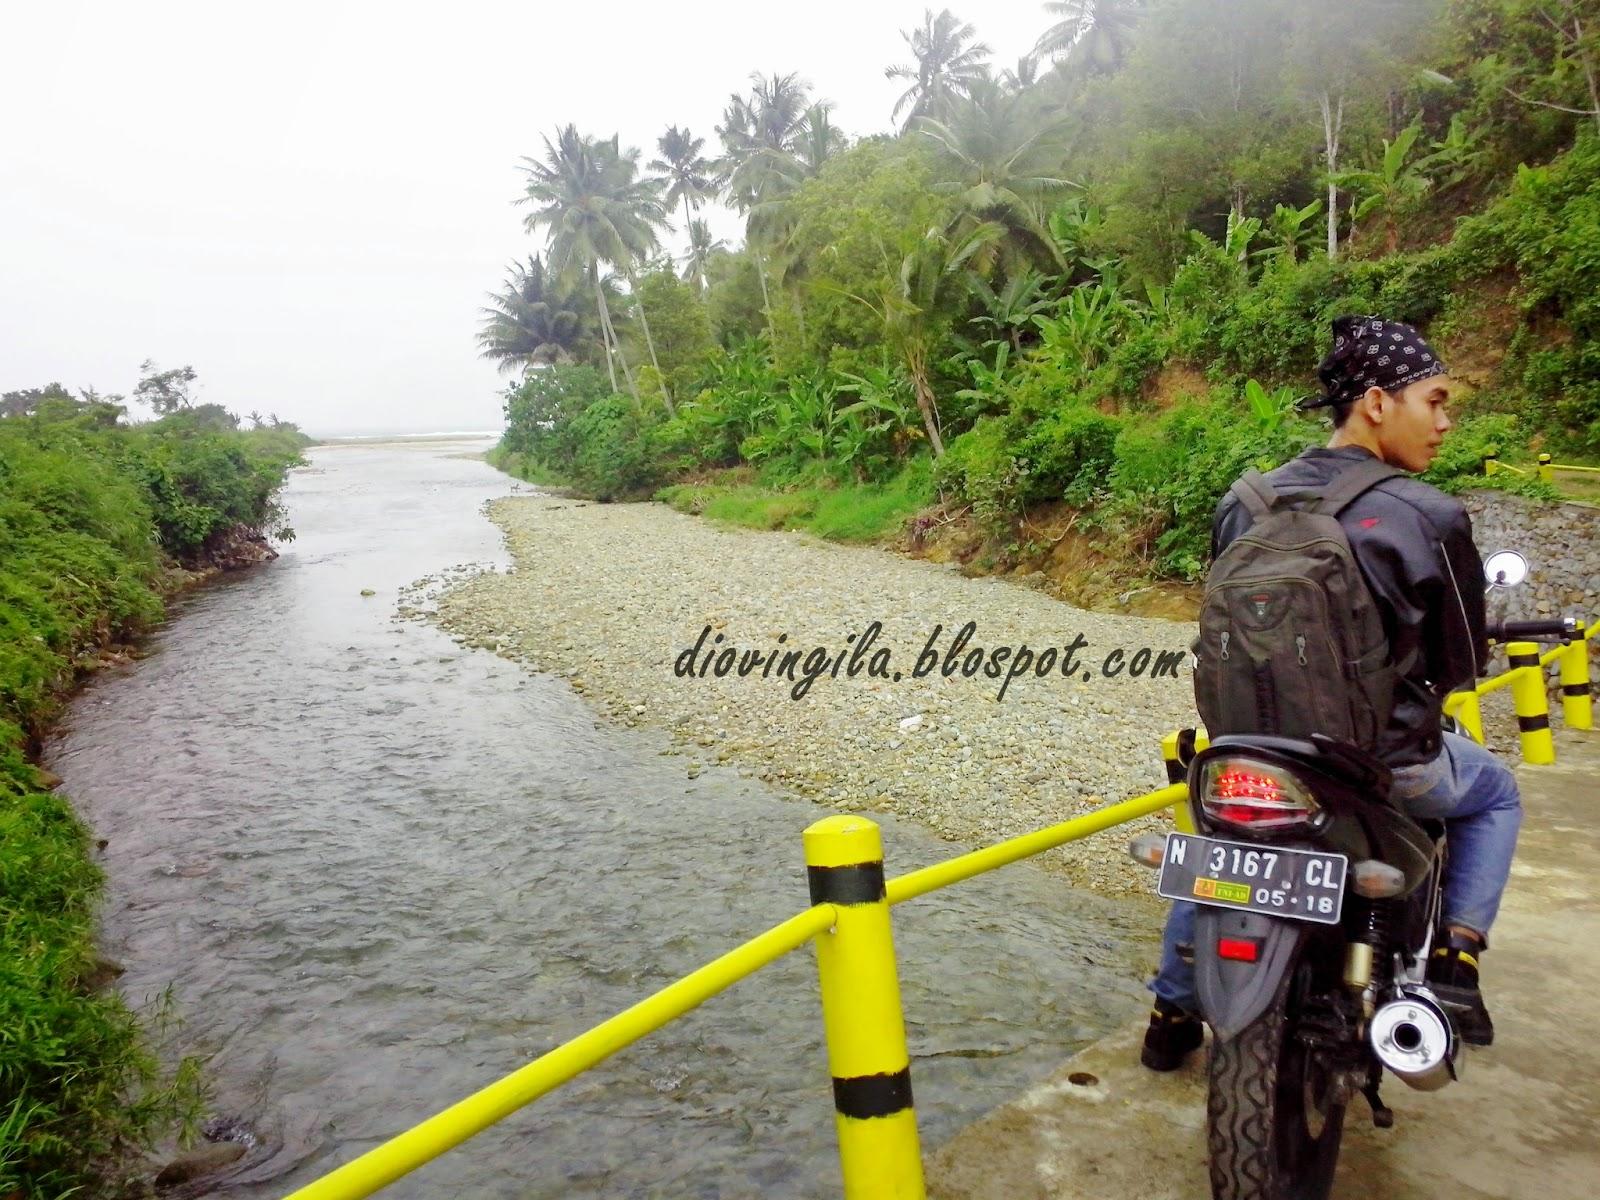 Diovin Page Surga Jalan Pantai Banyu Anjlok Jembatan Terlihat Lenggoksono